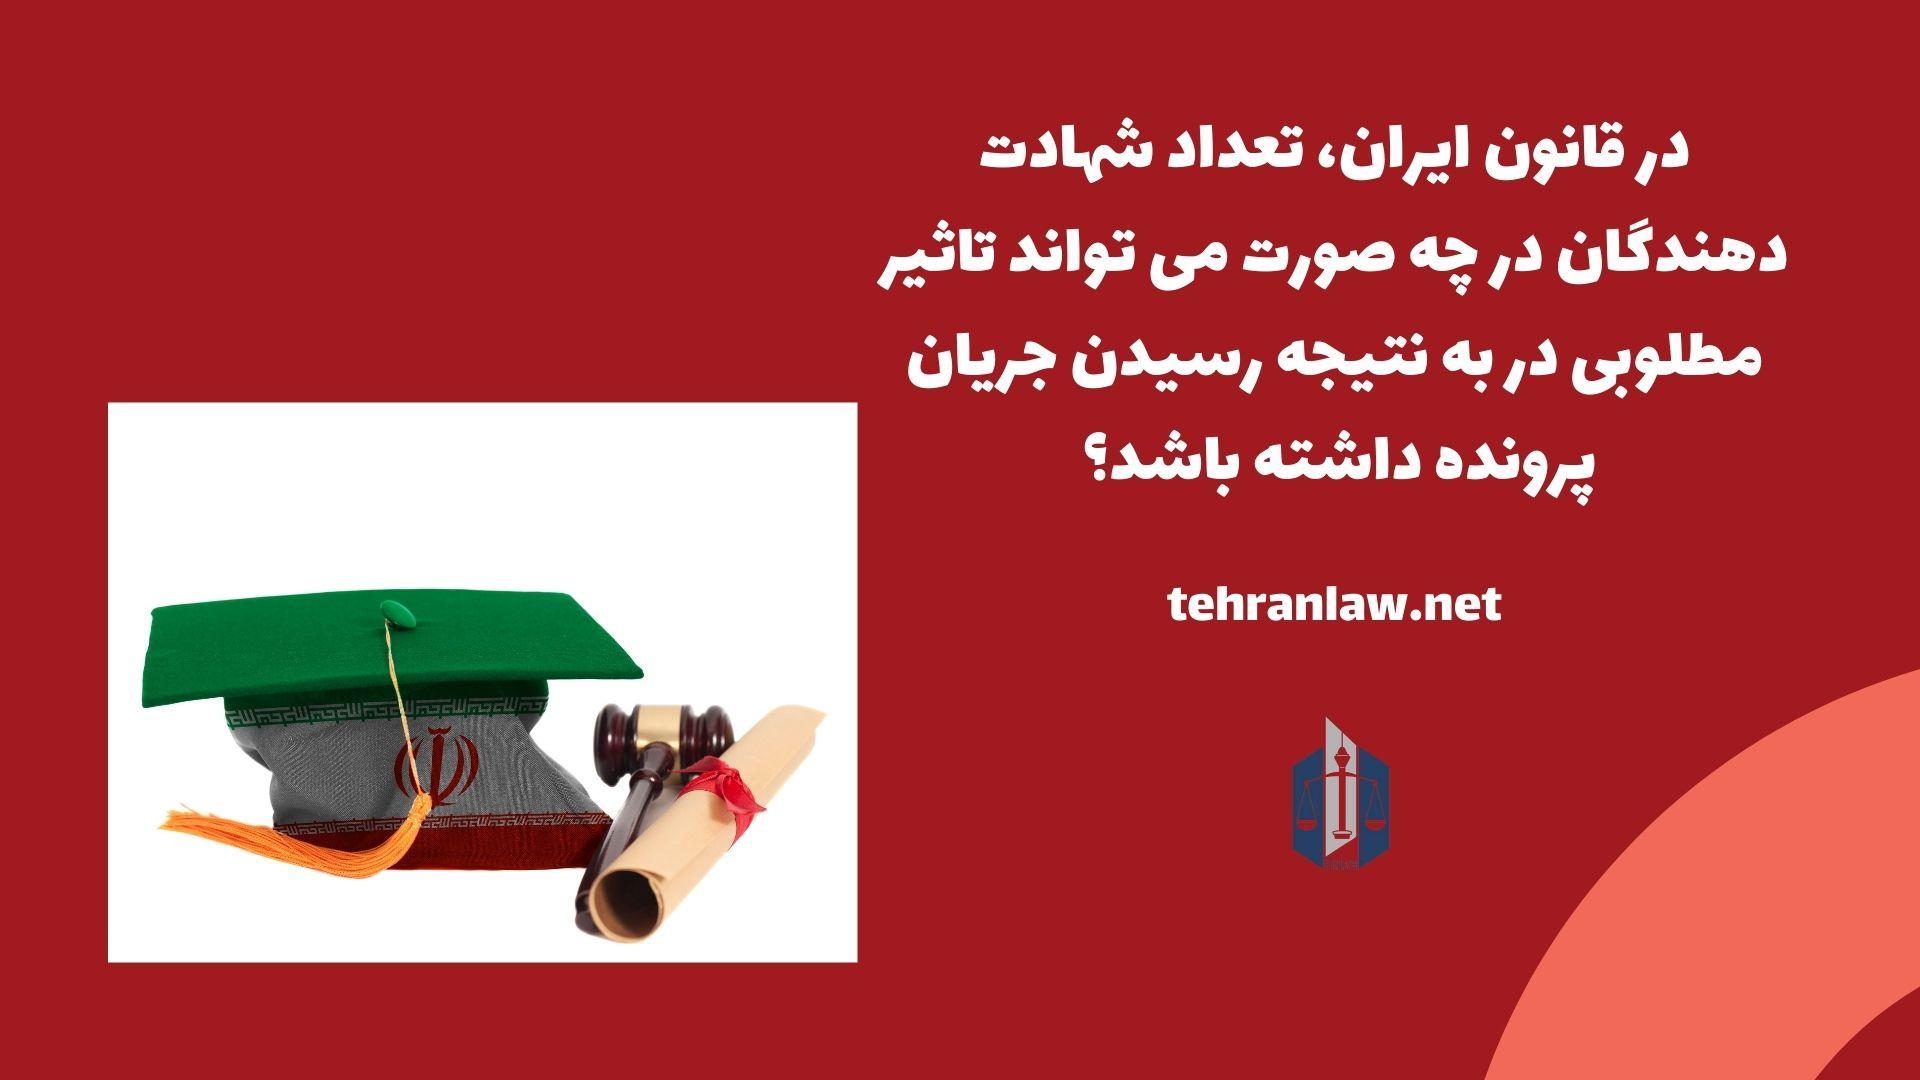 در قانون ایران، تعداد شهادت دهندگان در چه صورت می تواند تاثیر مطلوبی در به نتیجه رسیدن جریان پرونده داشته باشد؟